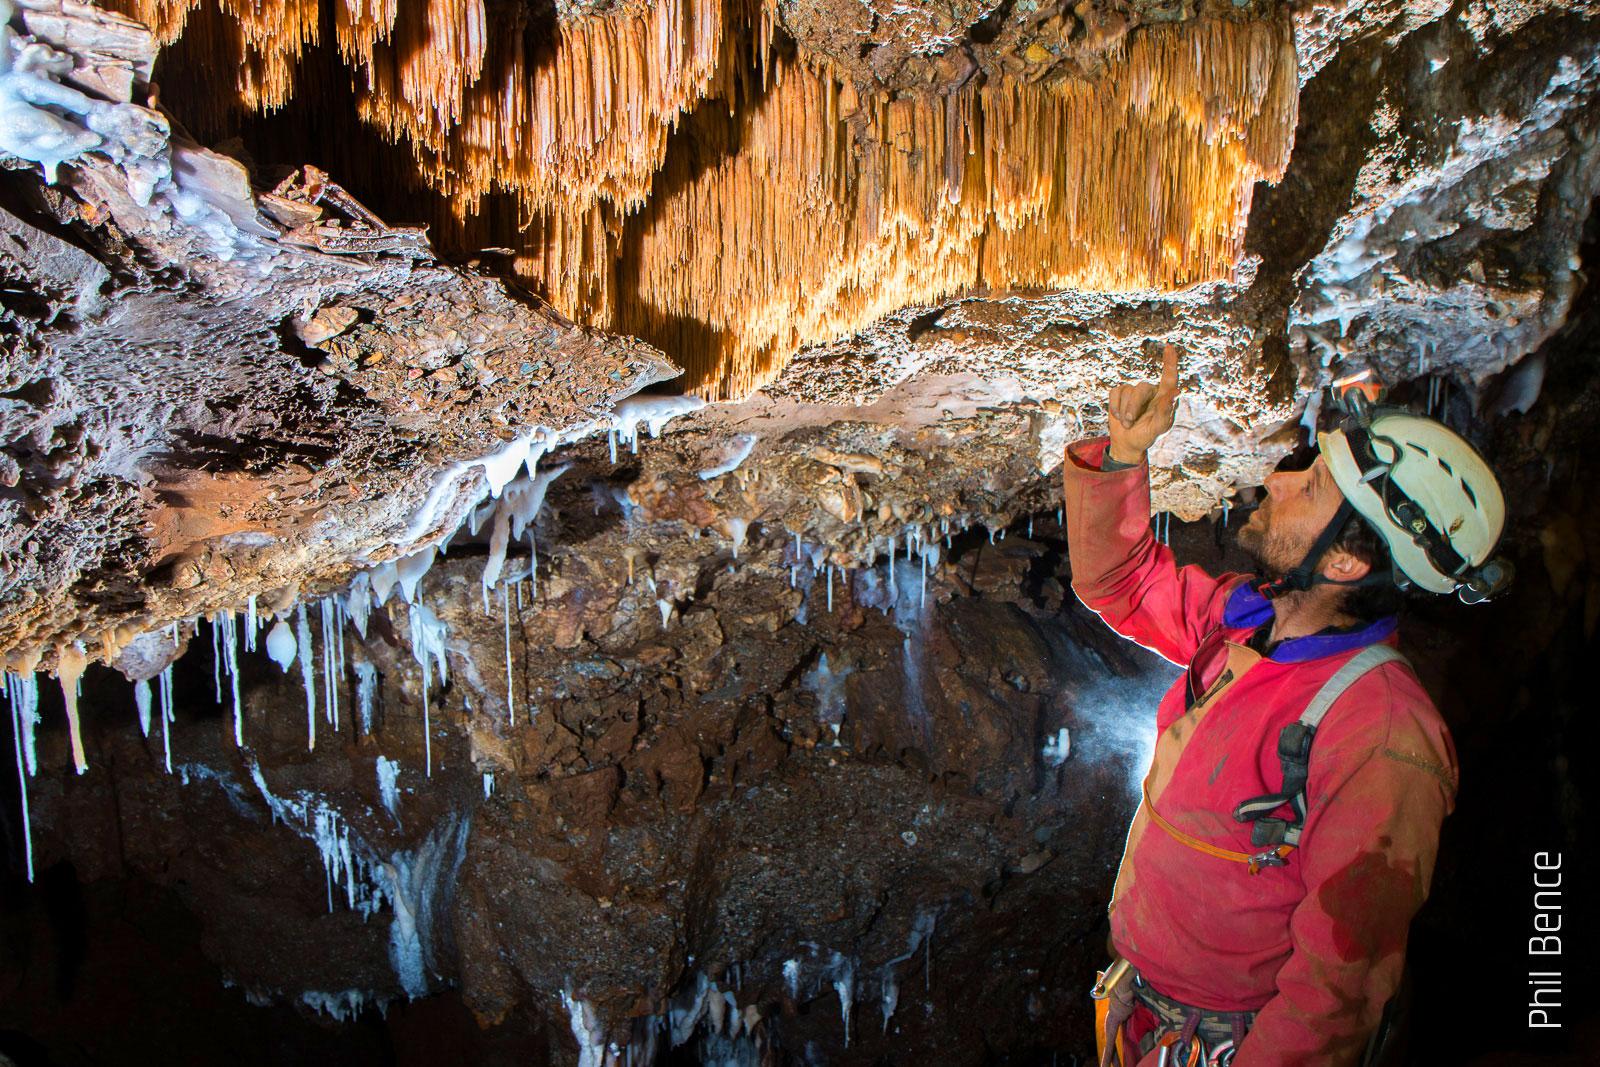 Spéléologie en Ariège - Stalactites du plafond d'une grotte en Ariège Pyrénées - Vertikarst © Phil Bence